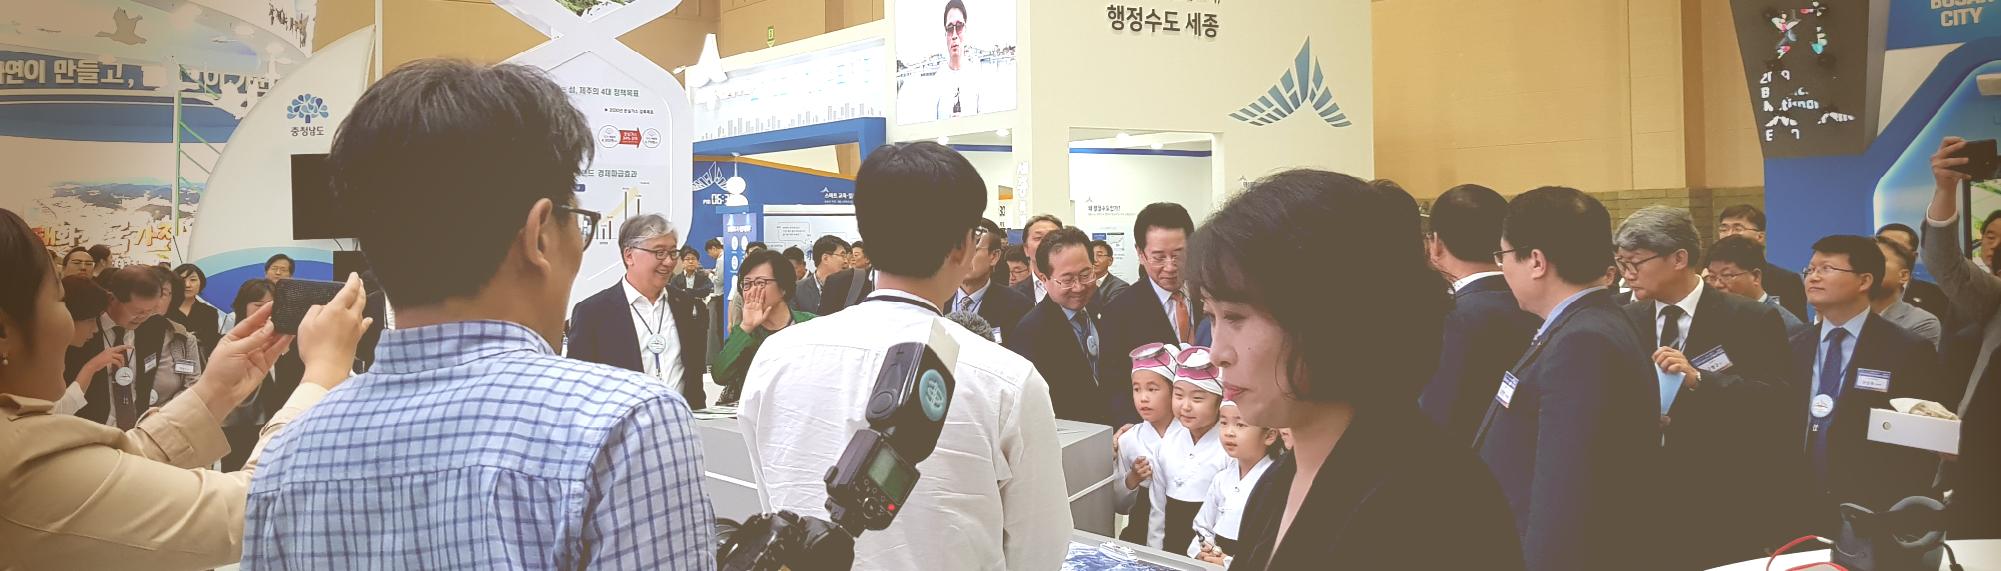 2019 대한민국 균형발전박람회 in전남,순천